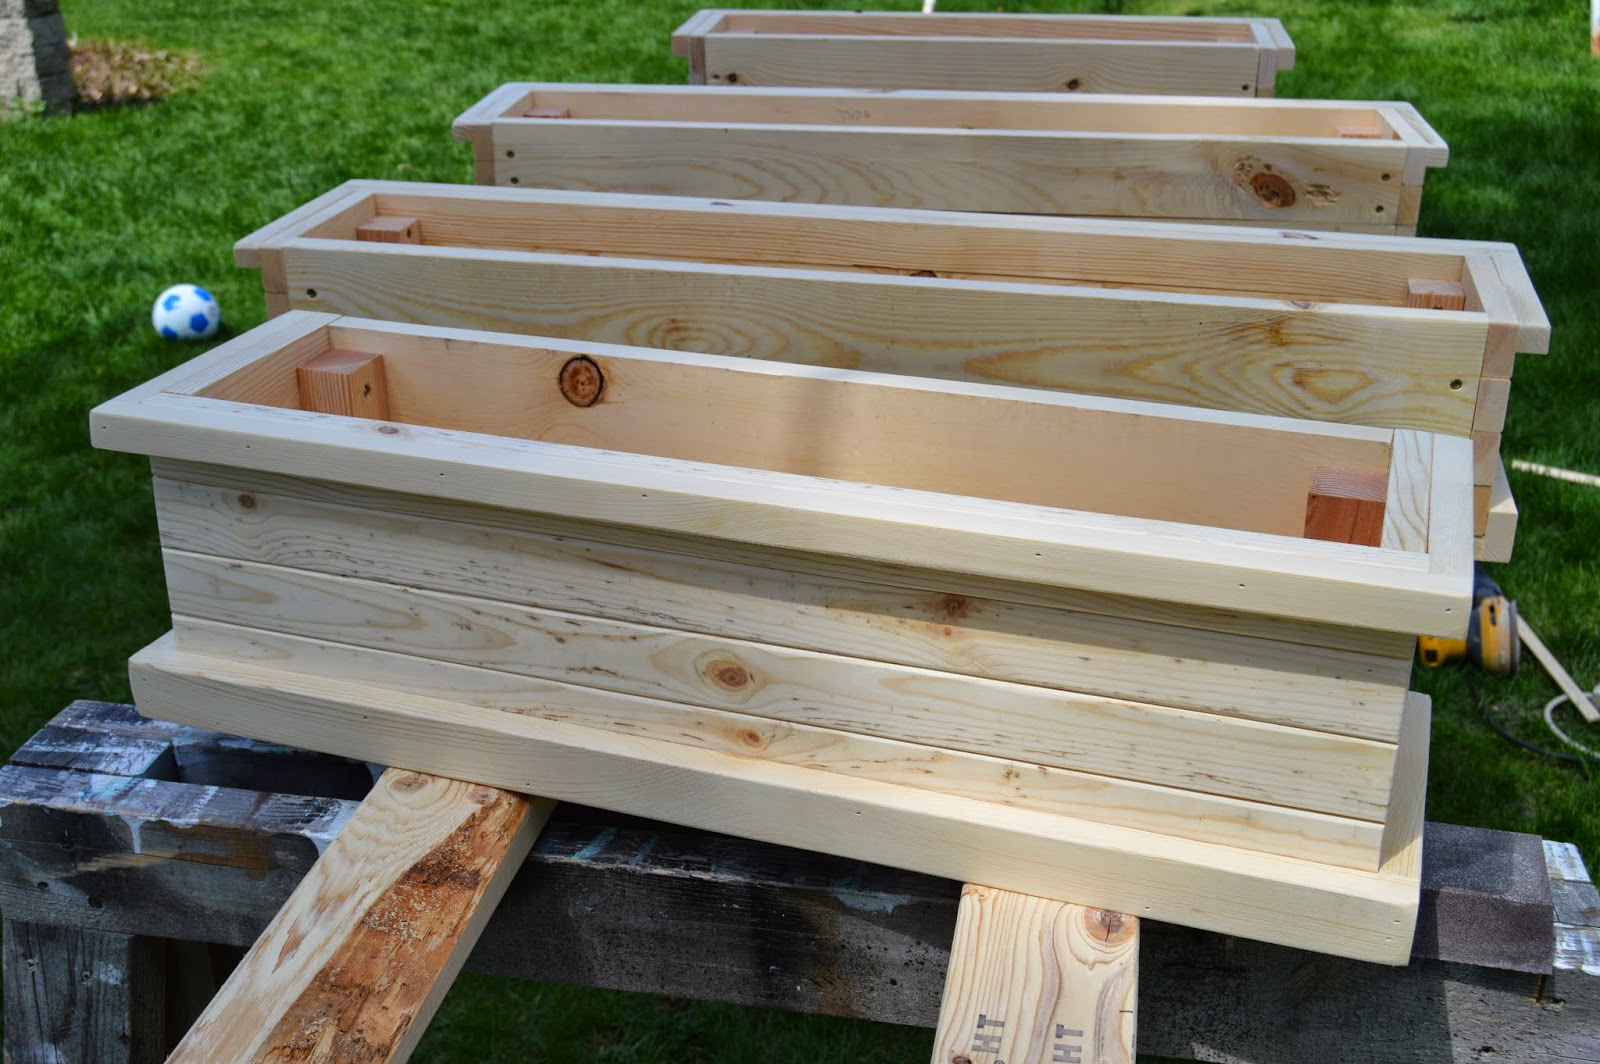 kruse 39 s workshop how to build flower boxes. Black Bedroom Furniture Sets. Home Design Ideas